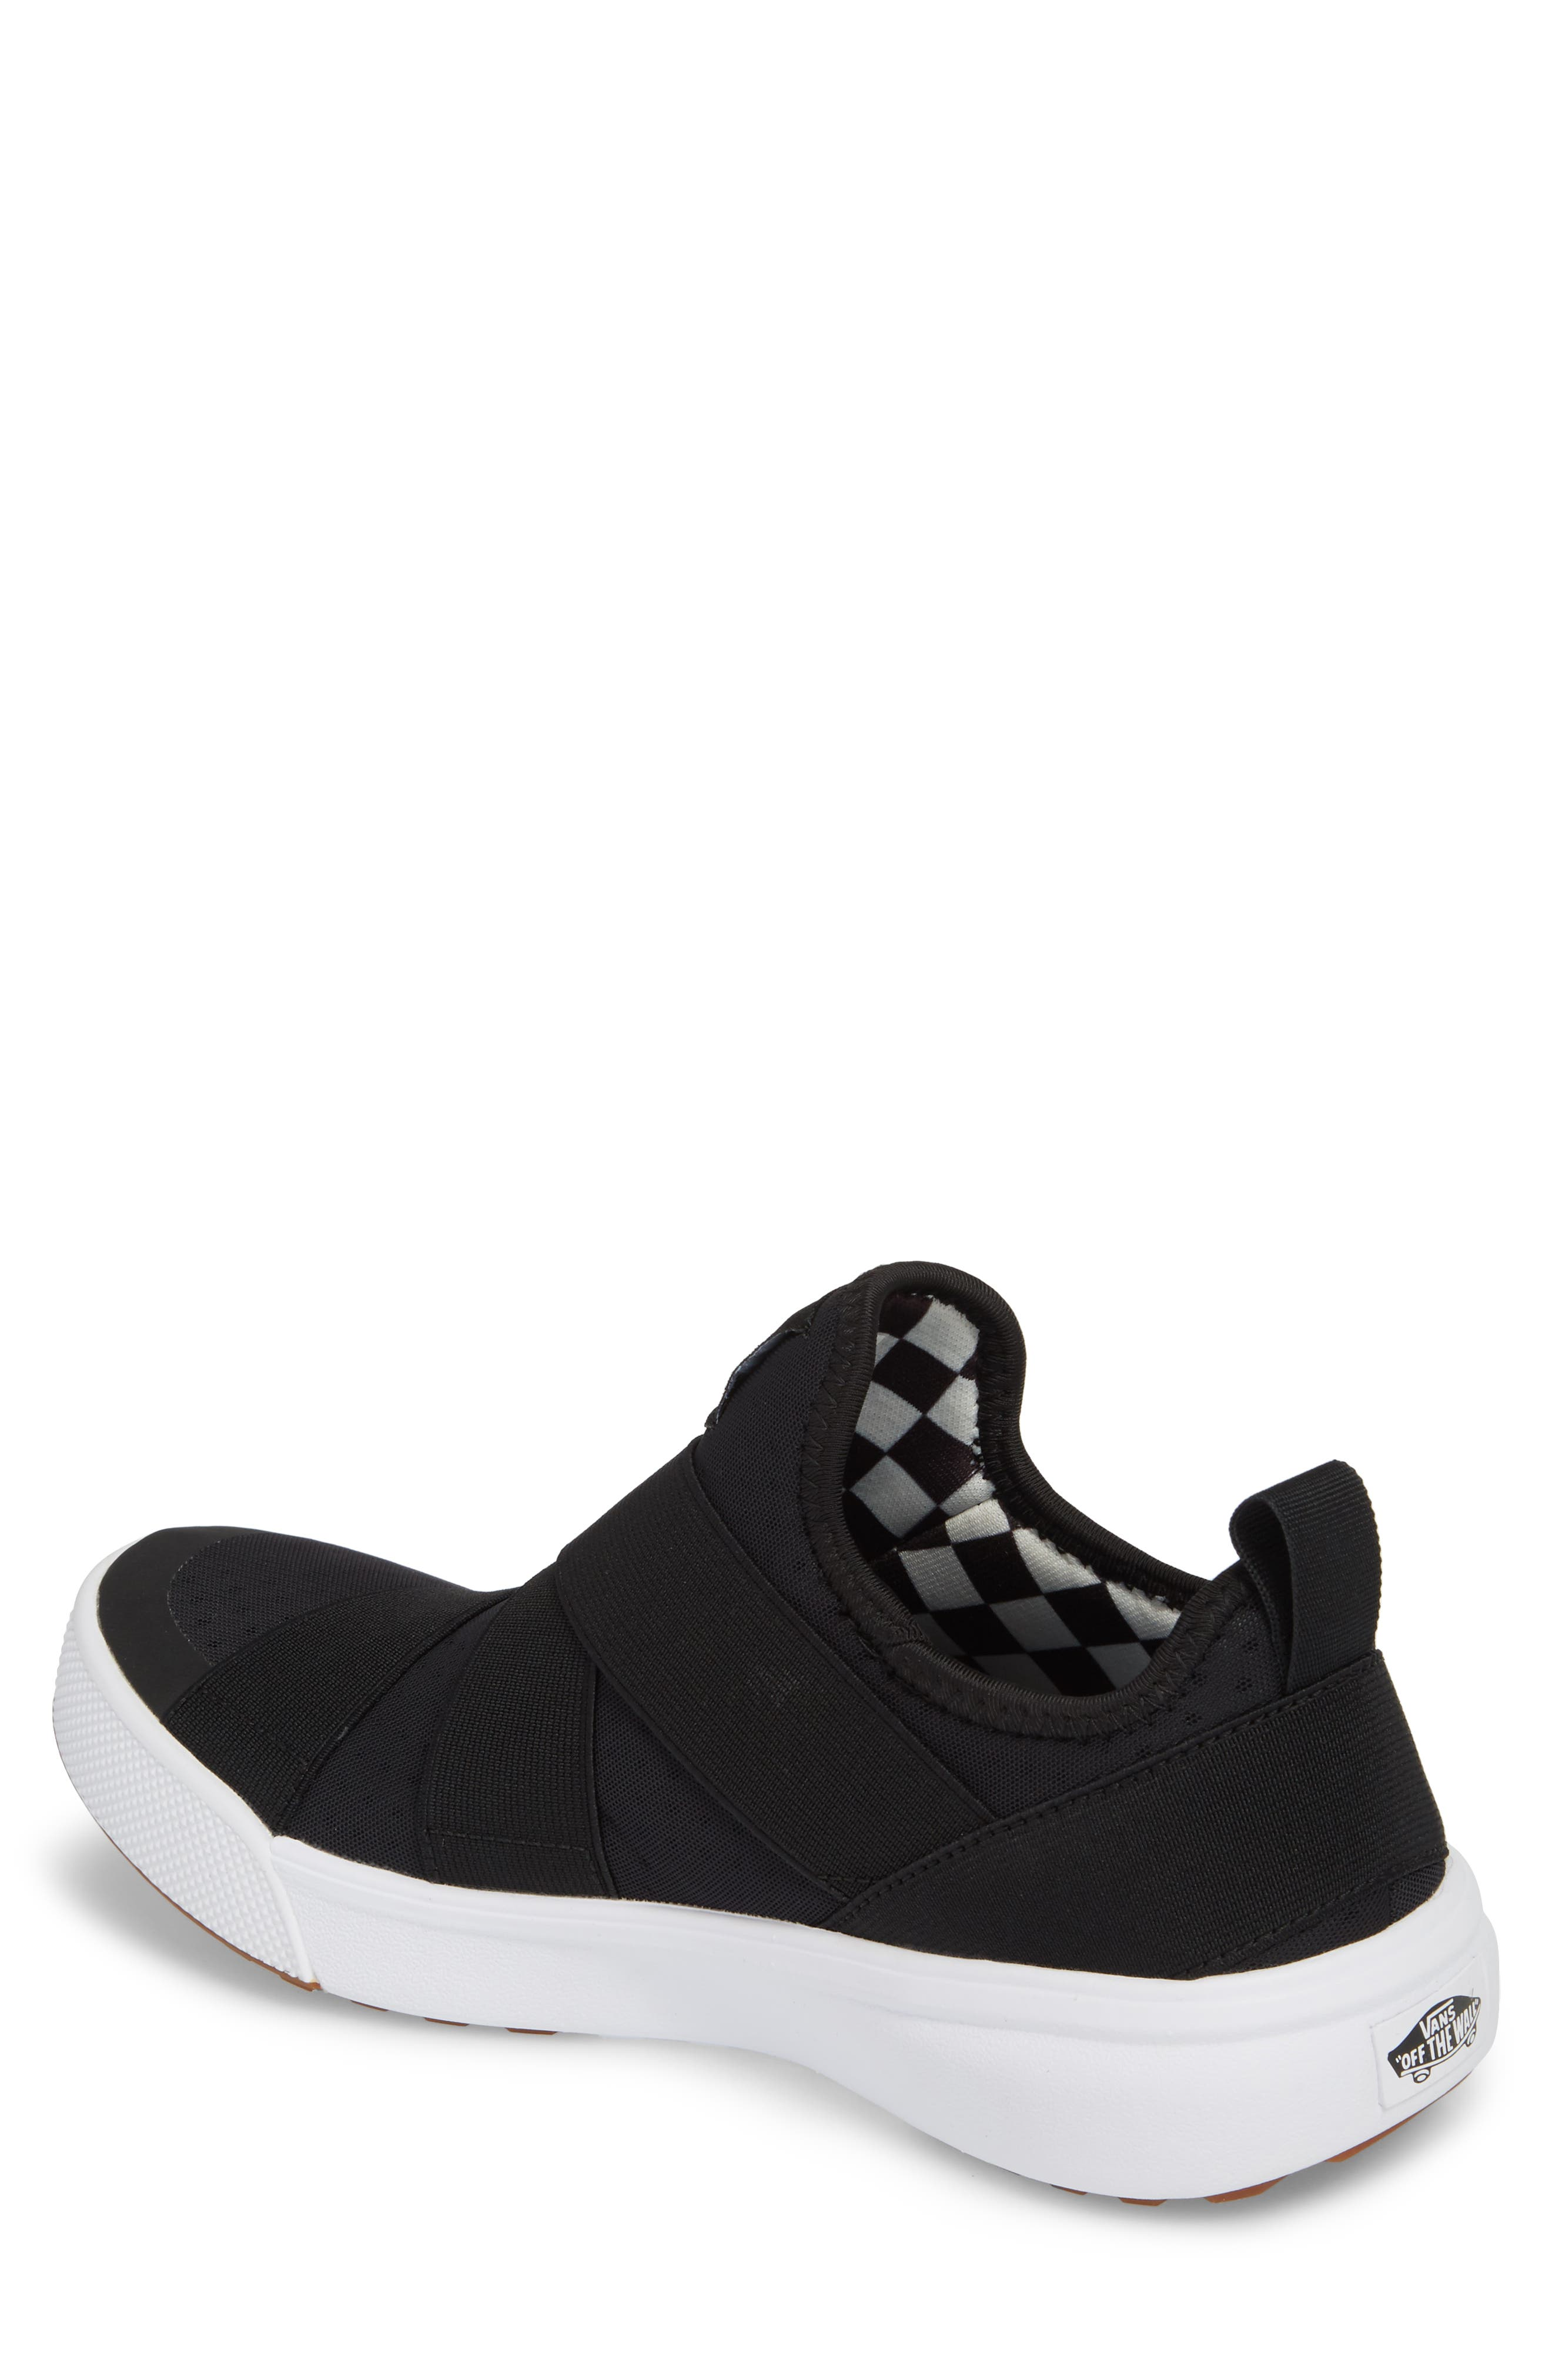 UltraRange Gore Slip-On Sneaker,                             Alternate thumbnail 2, color,                             001